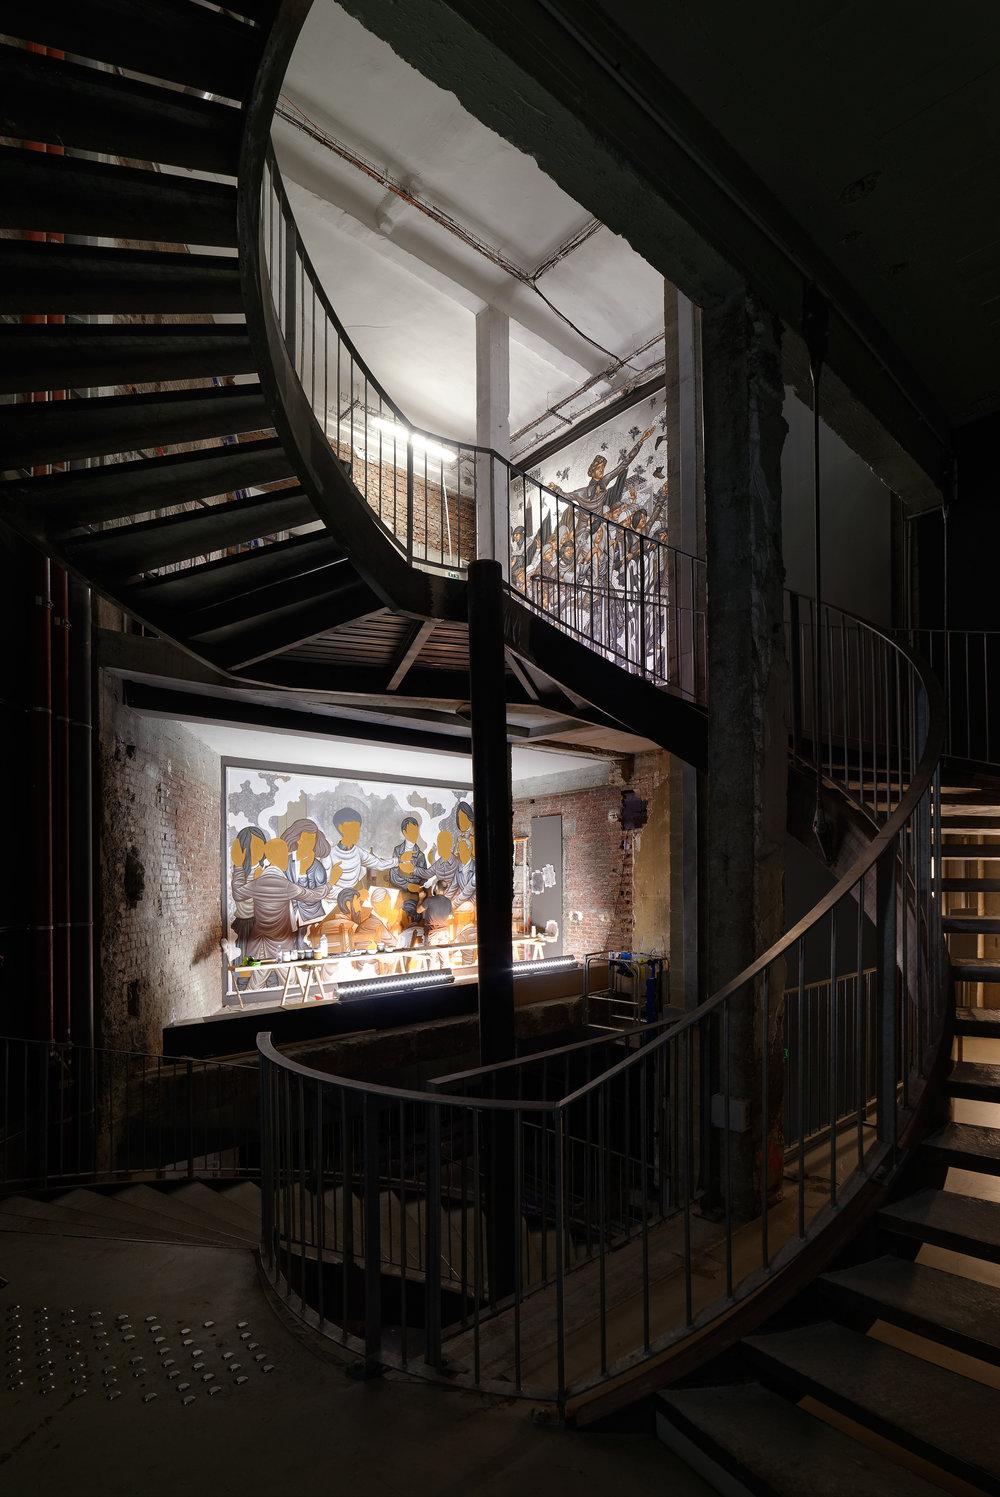 Stelios Faitakis - Vue de la double intervetion au Palais de Tokyo